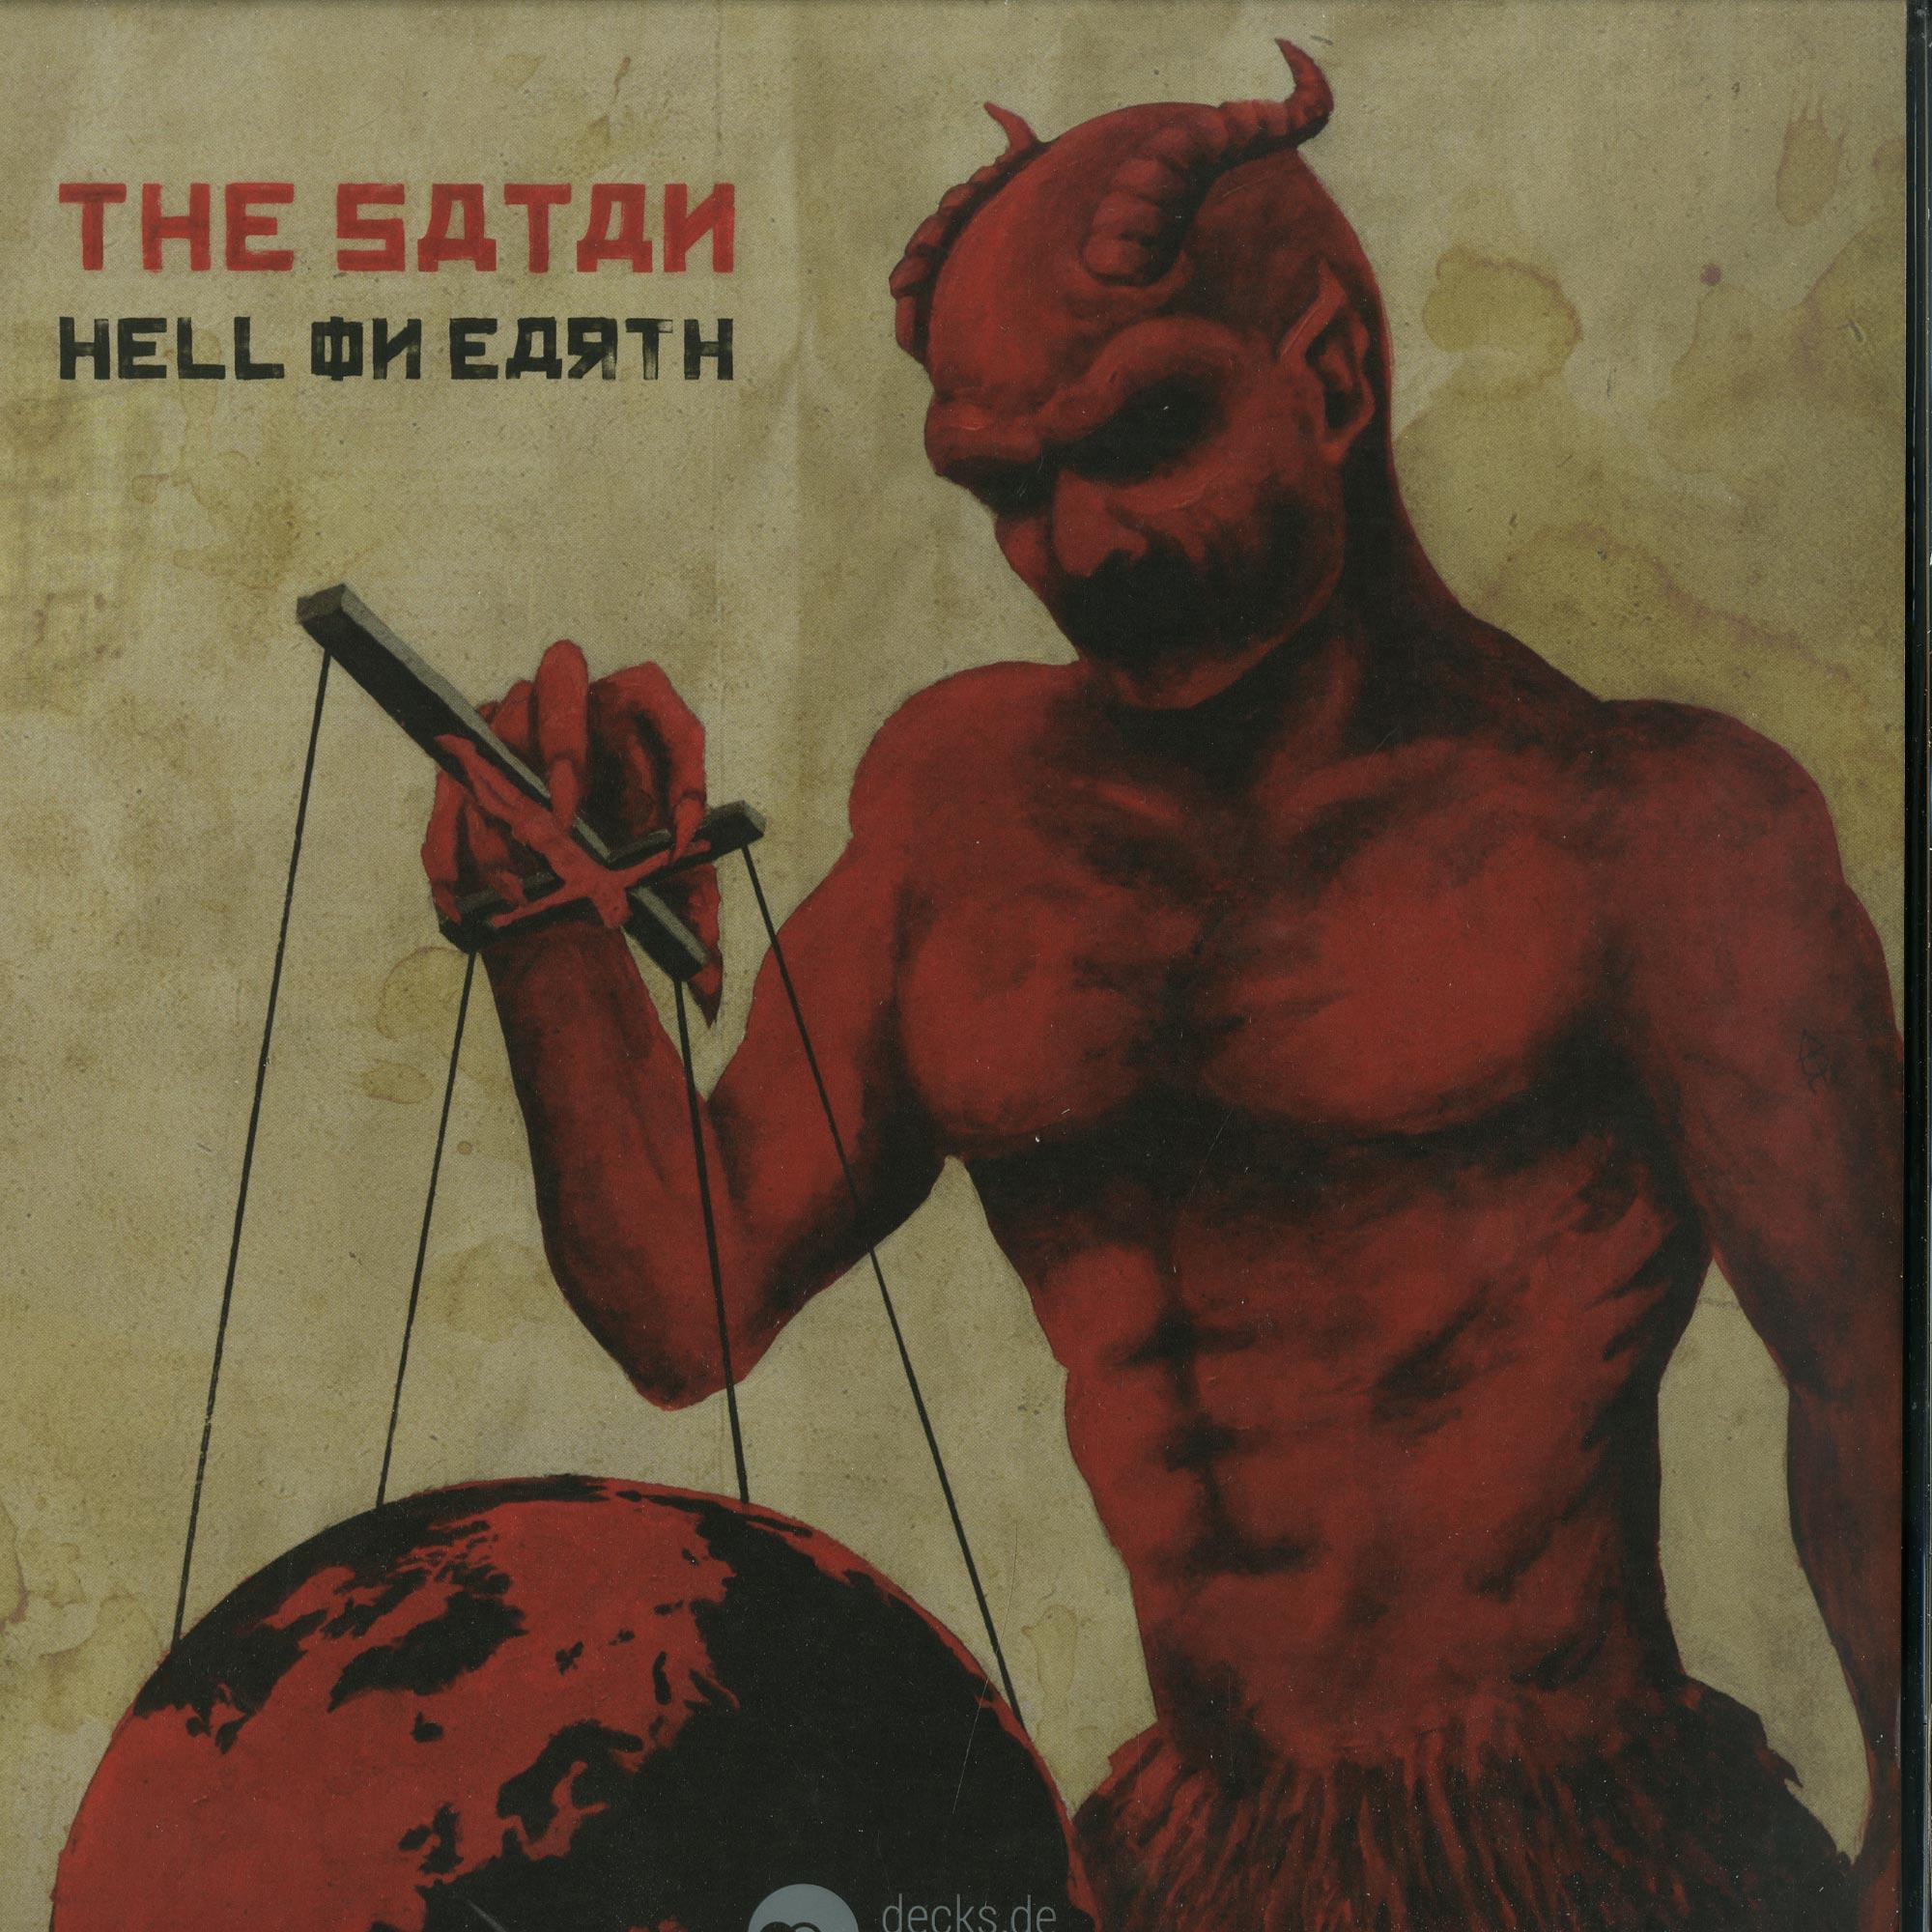 The Satan - HELL ON EARTH